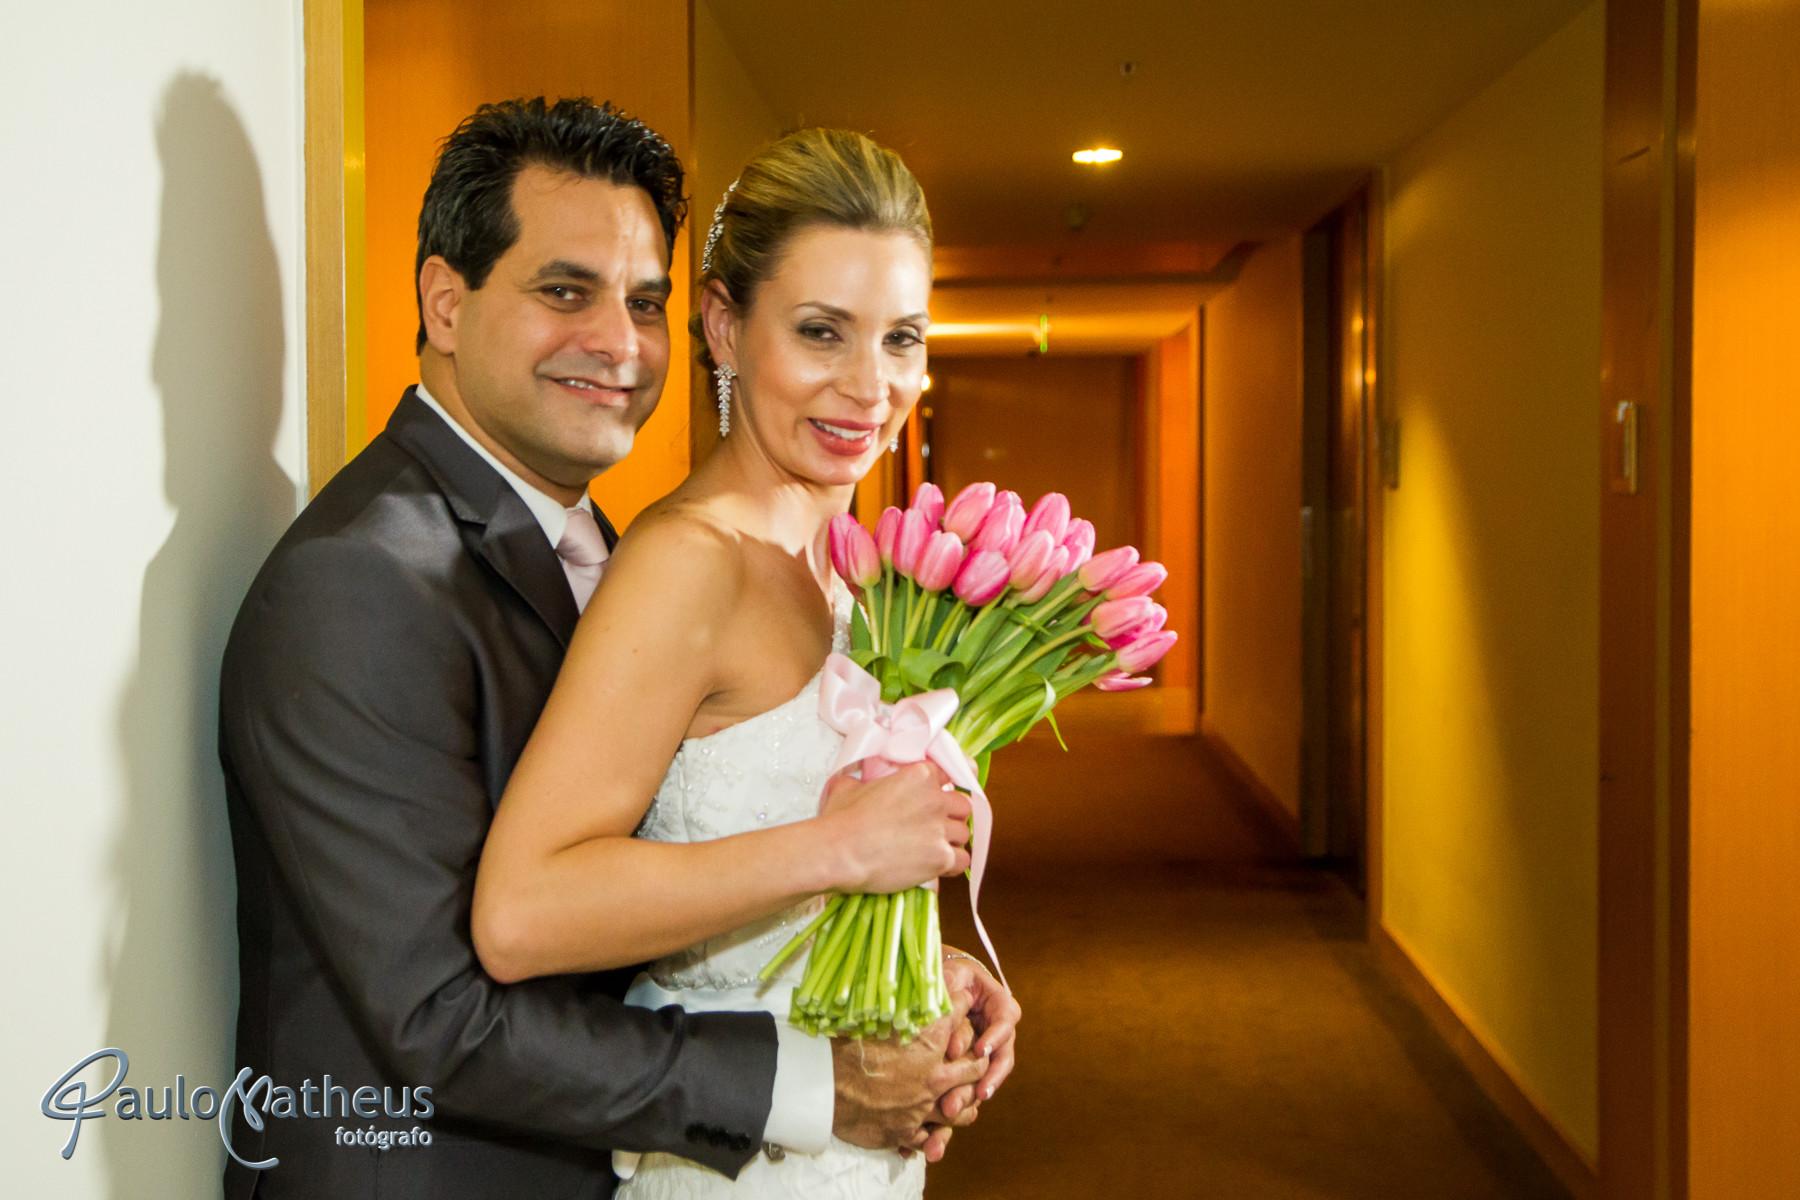 Fotografia do casal no corredor em casamento no Hotel Hyatt em São Paulo